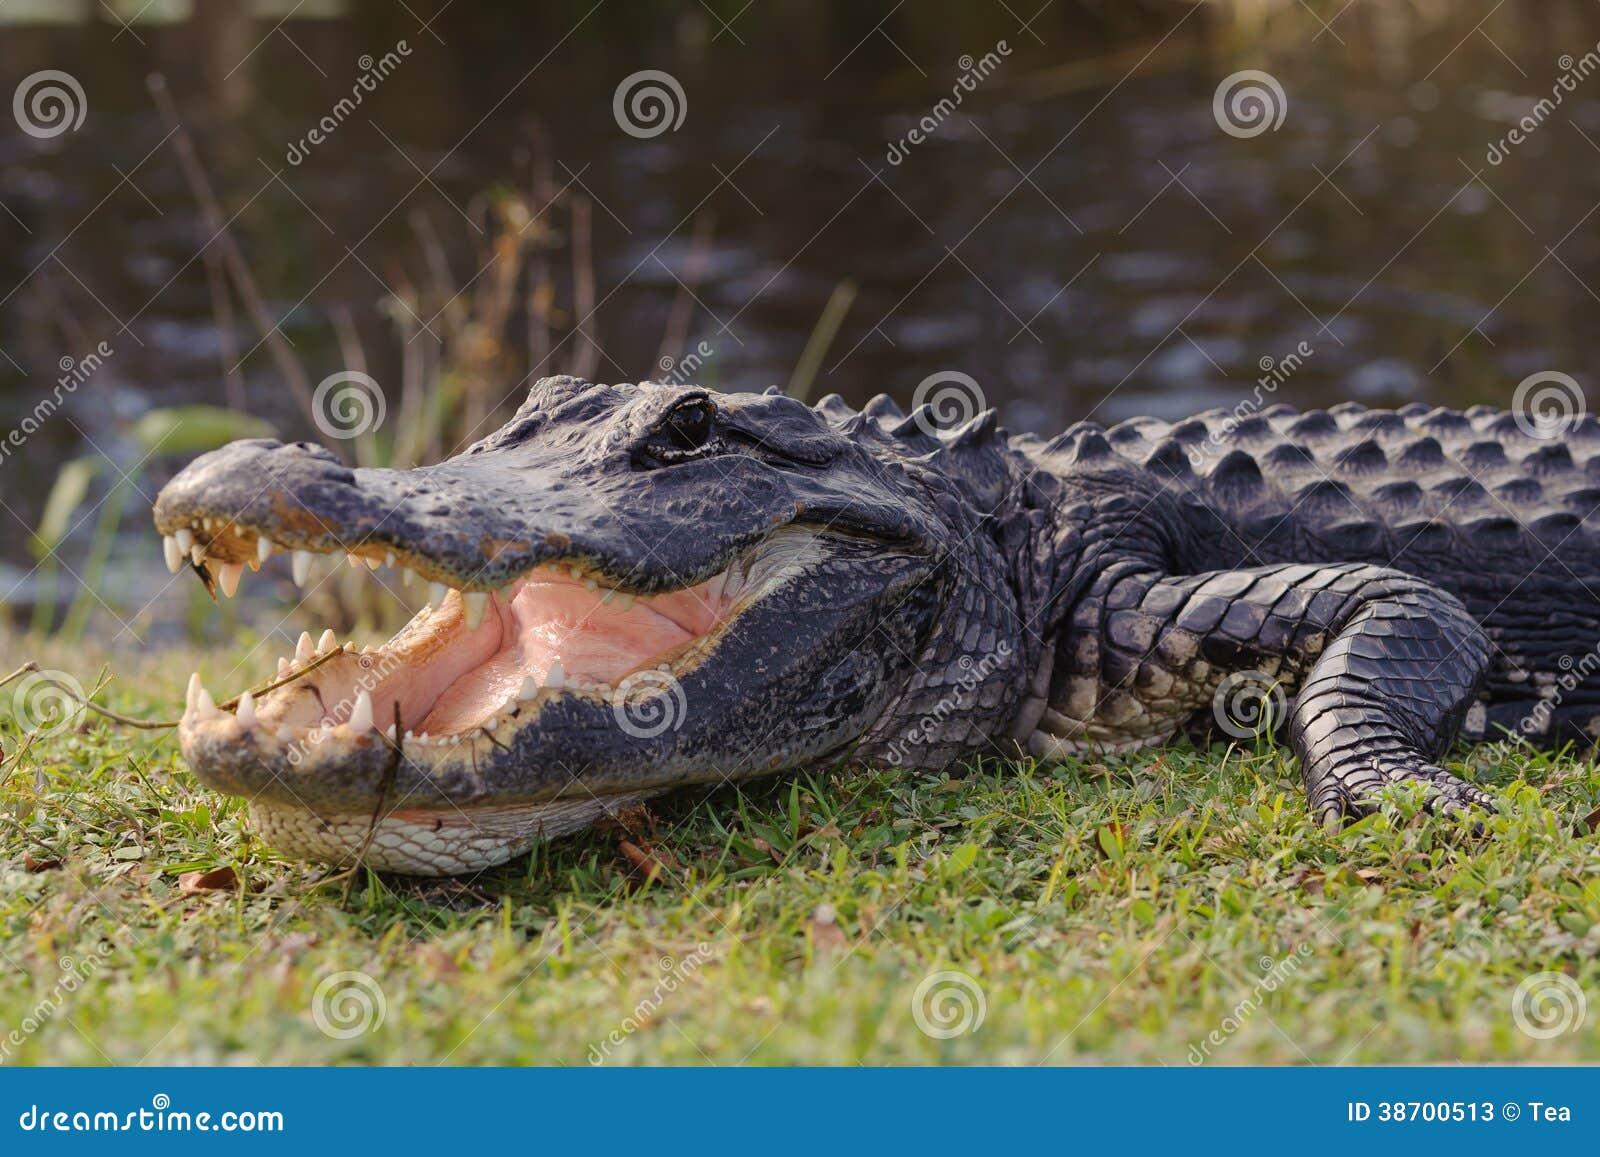 Аллигатор в парке болотистых низменностей